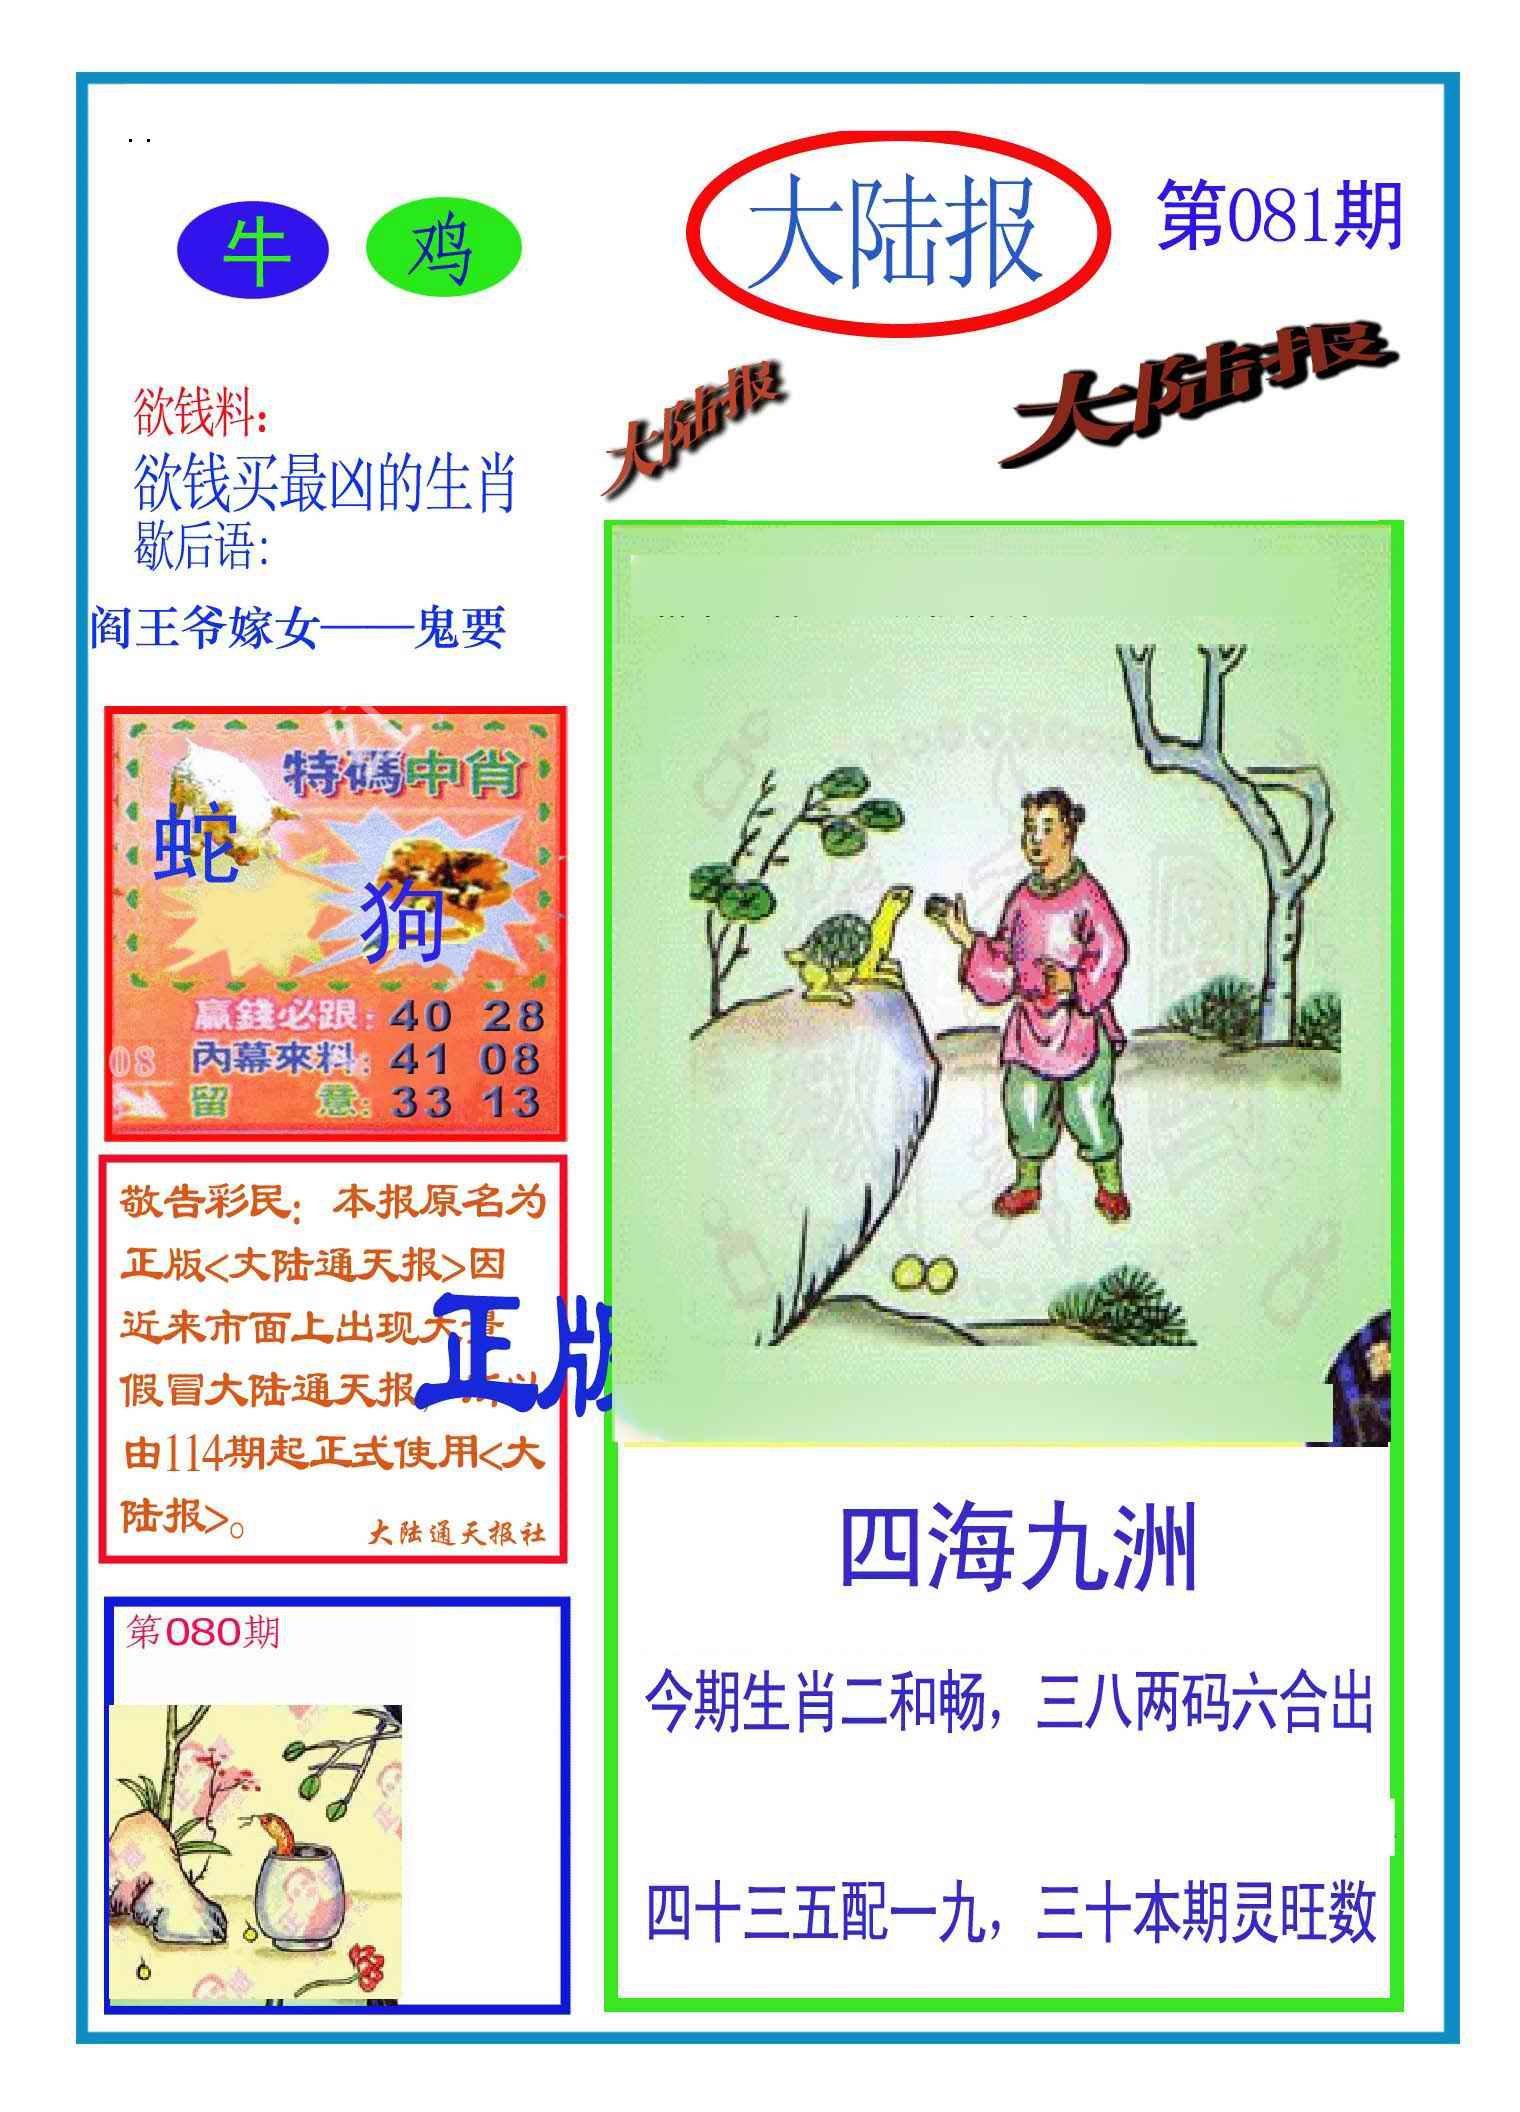 081期大陆报(新图)